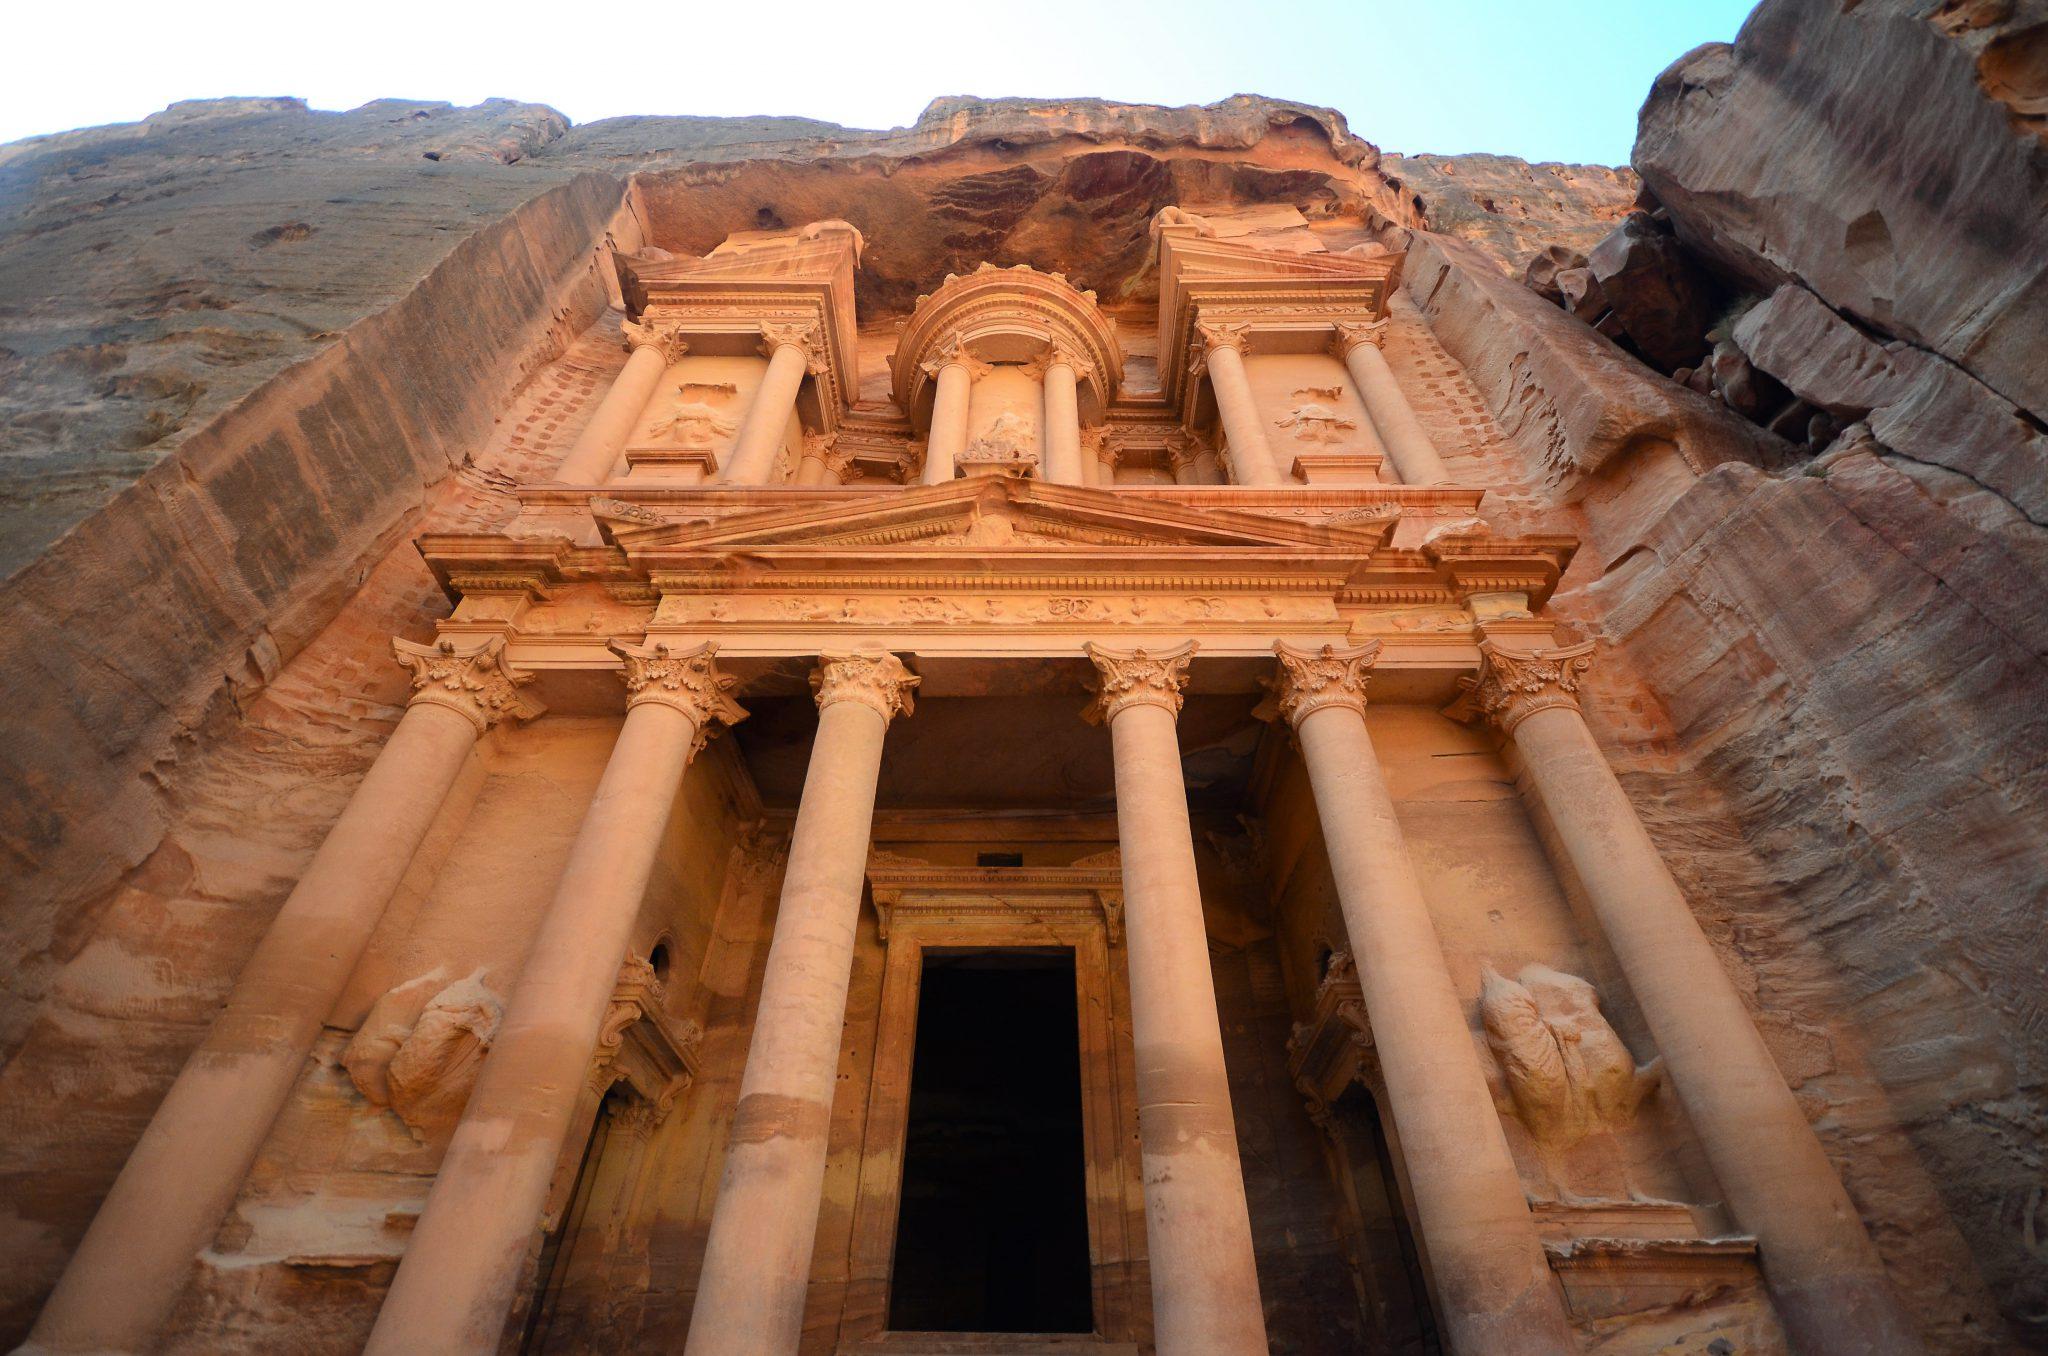 Pétra en Jordanie, l'une des sept merveilles du monde moderne